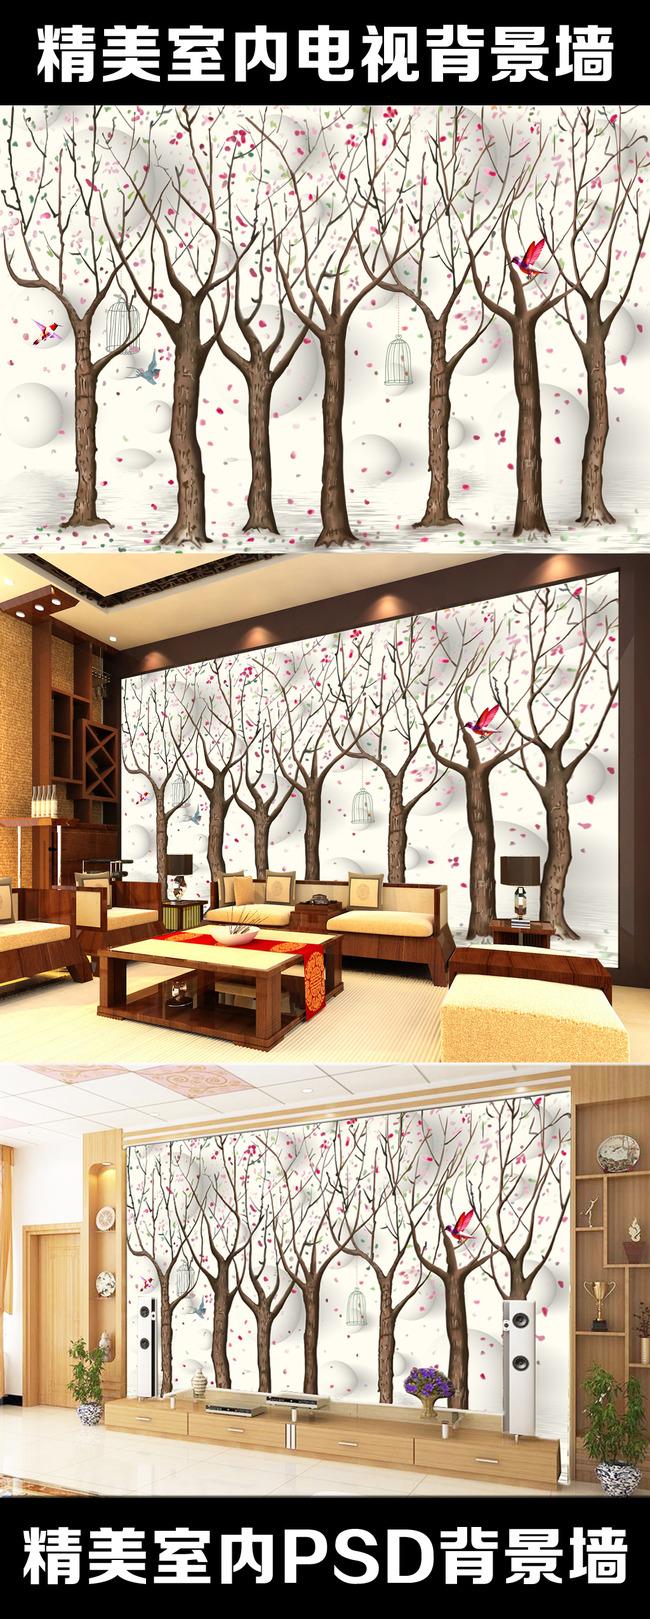 手绘森林鸟笼花鸟电视背景墙